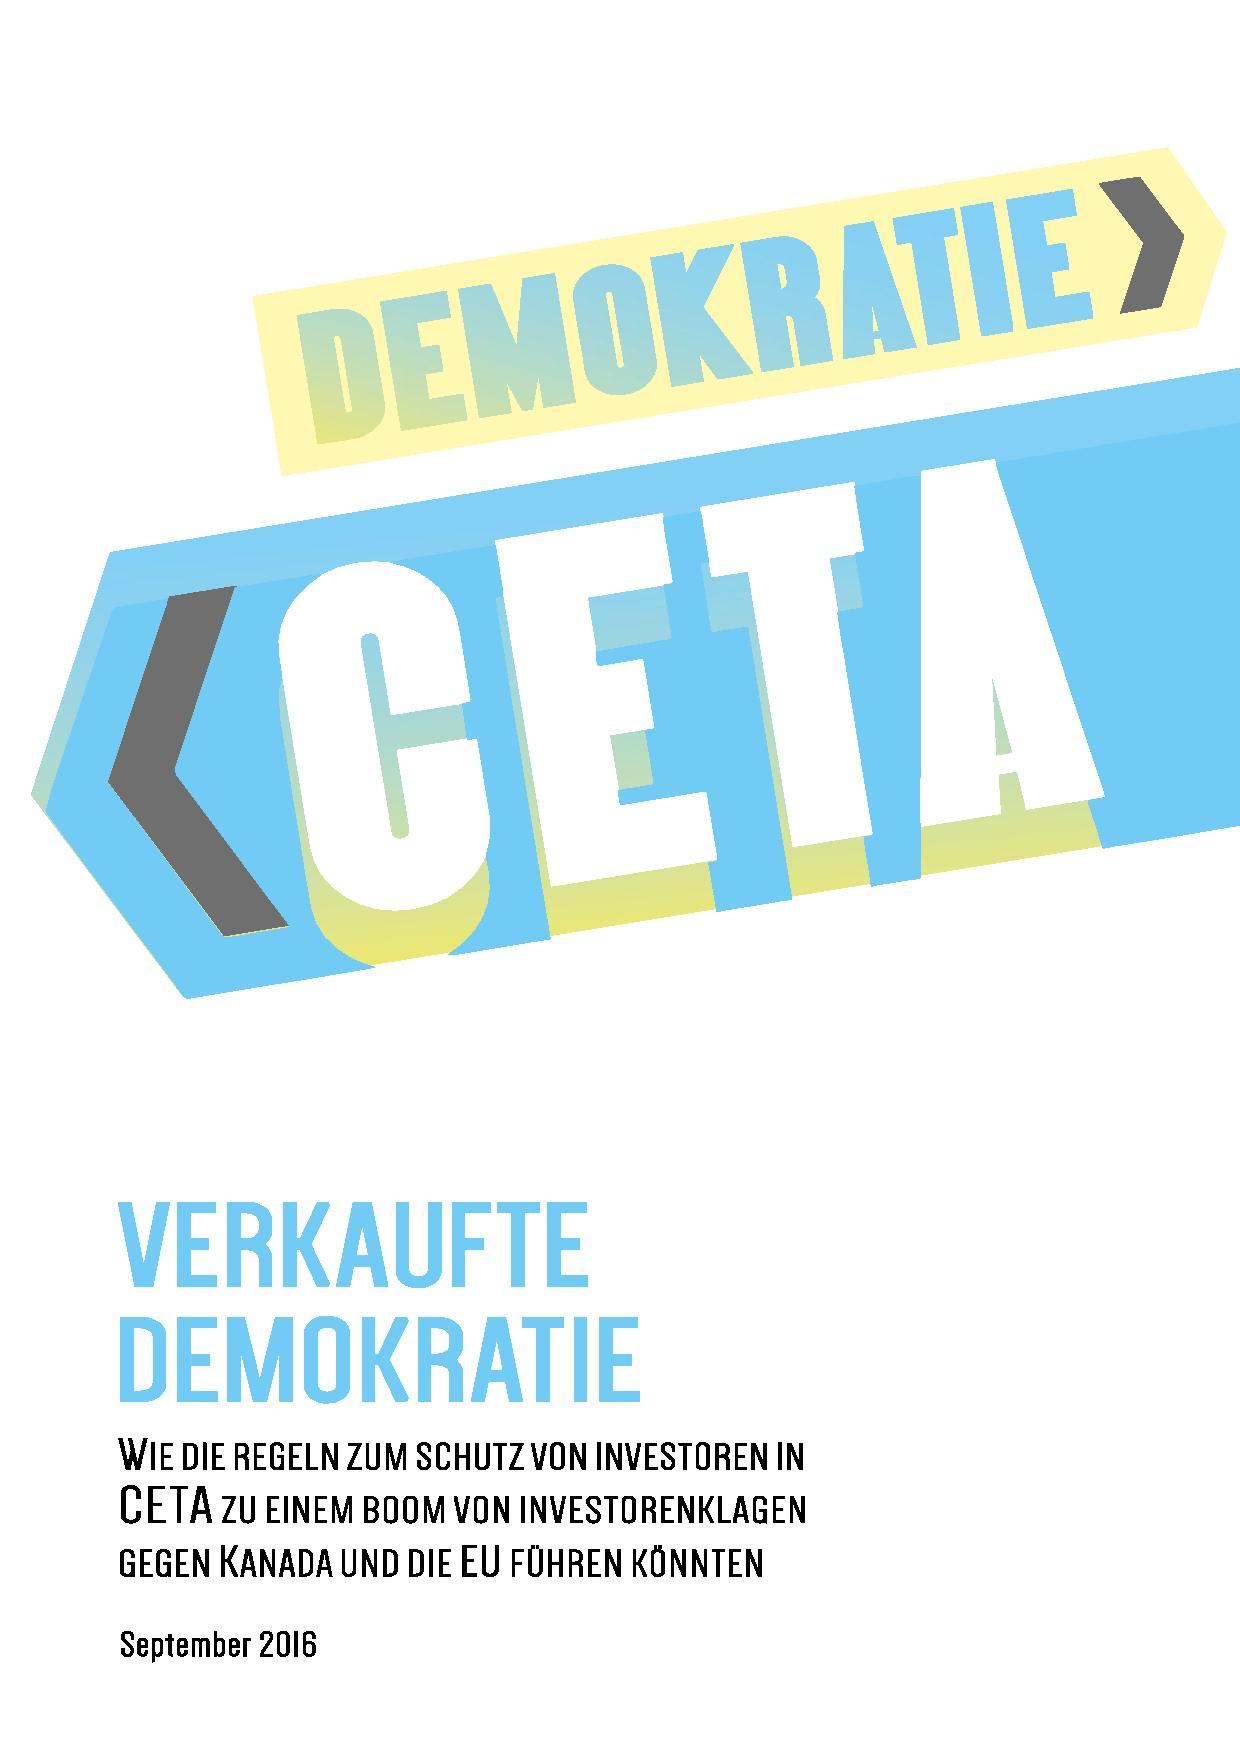 studie-verkaufte-demokratie_seite1-page-001